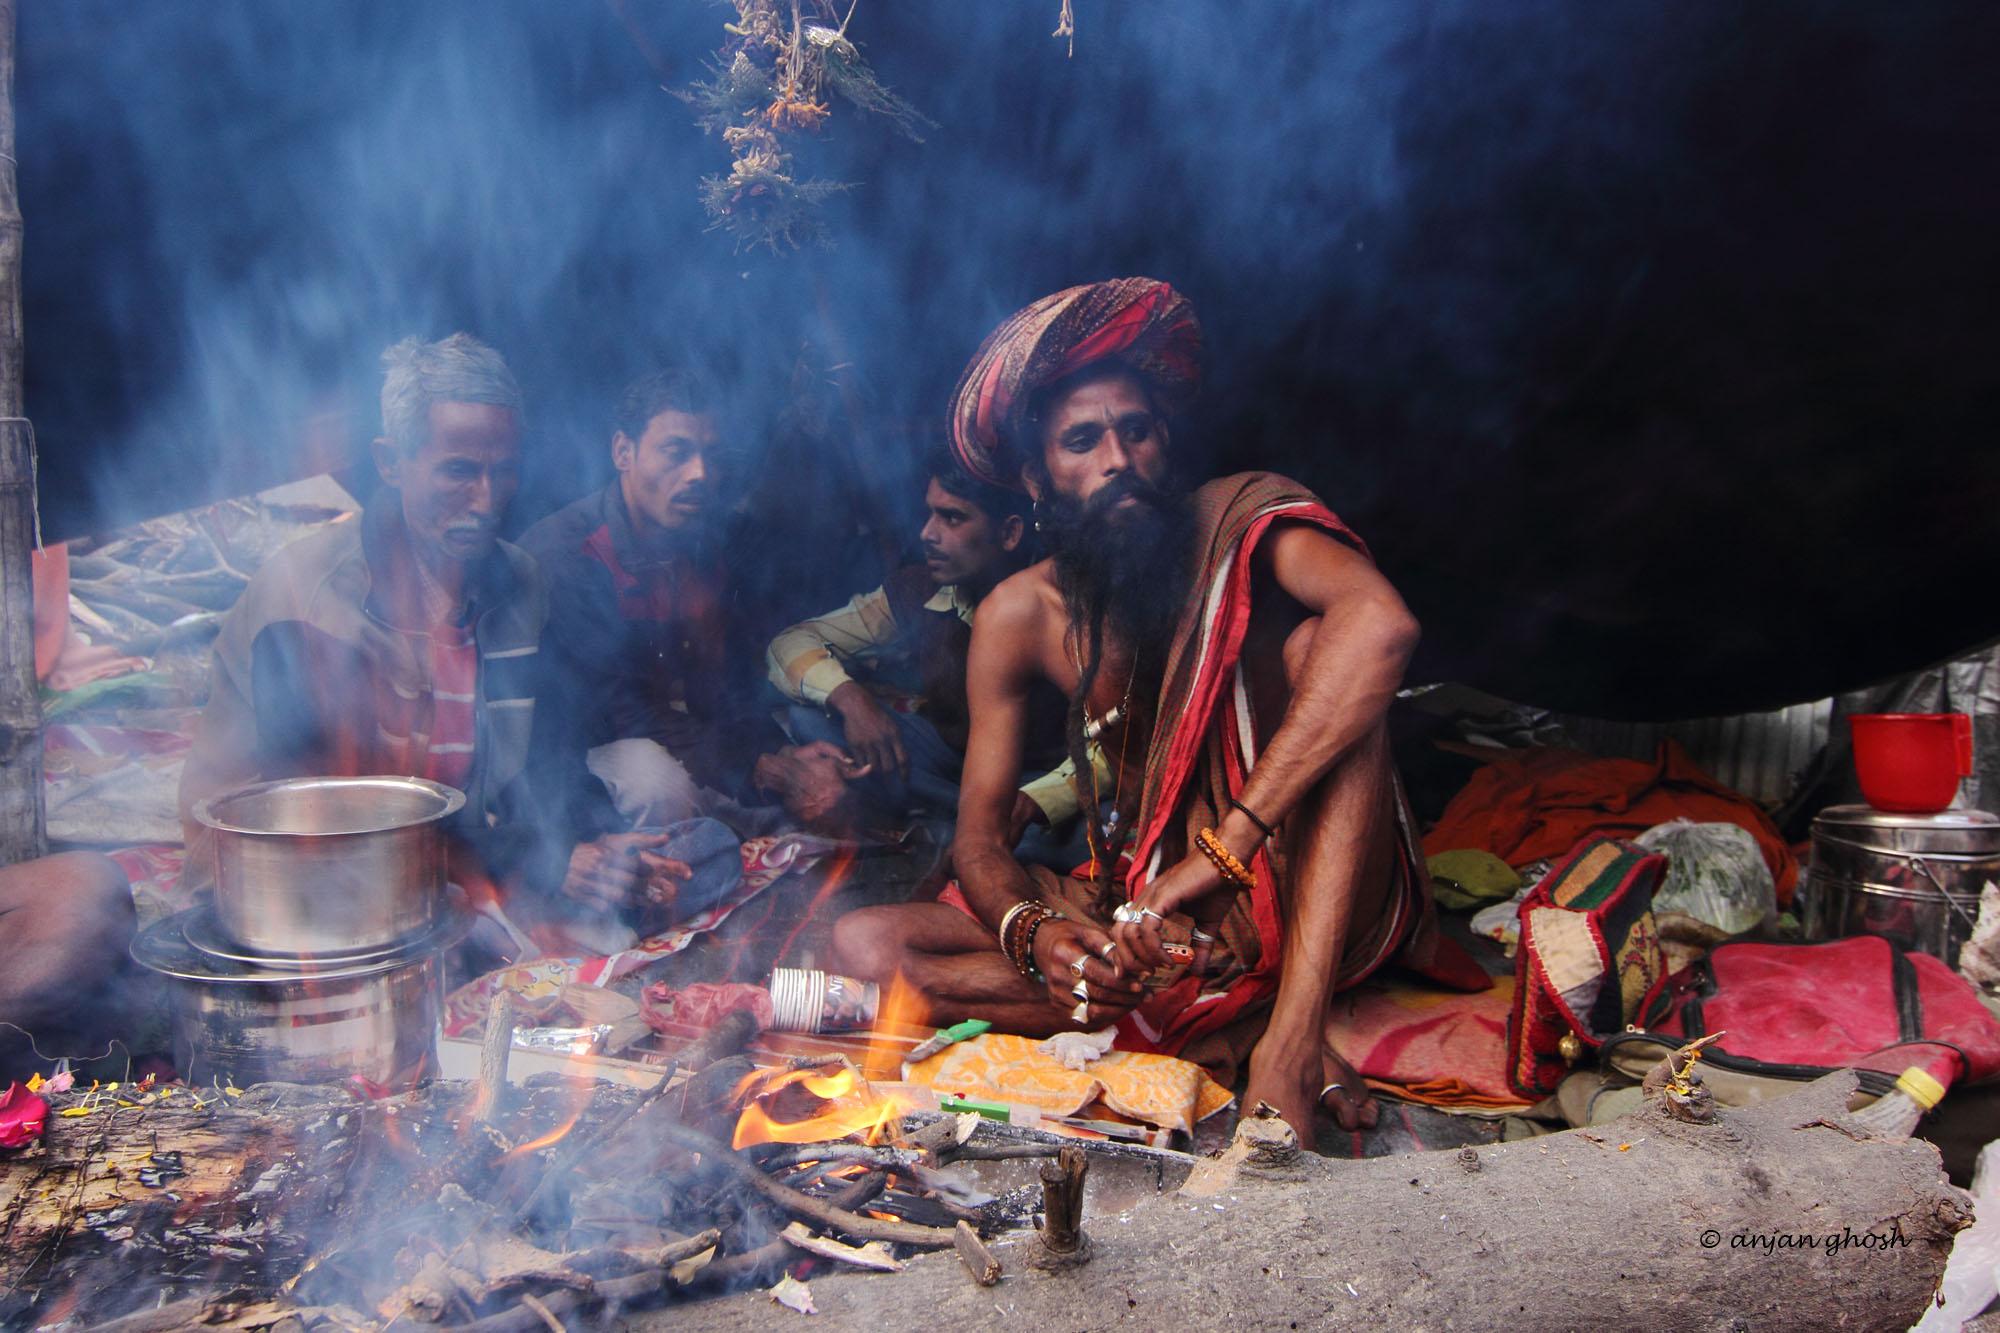 © Pilgrims to Gangasagar. Photograph by Anjan Ghosh for https://photographyworld.org/pilgrims-to-gangasagar/